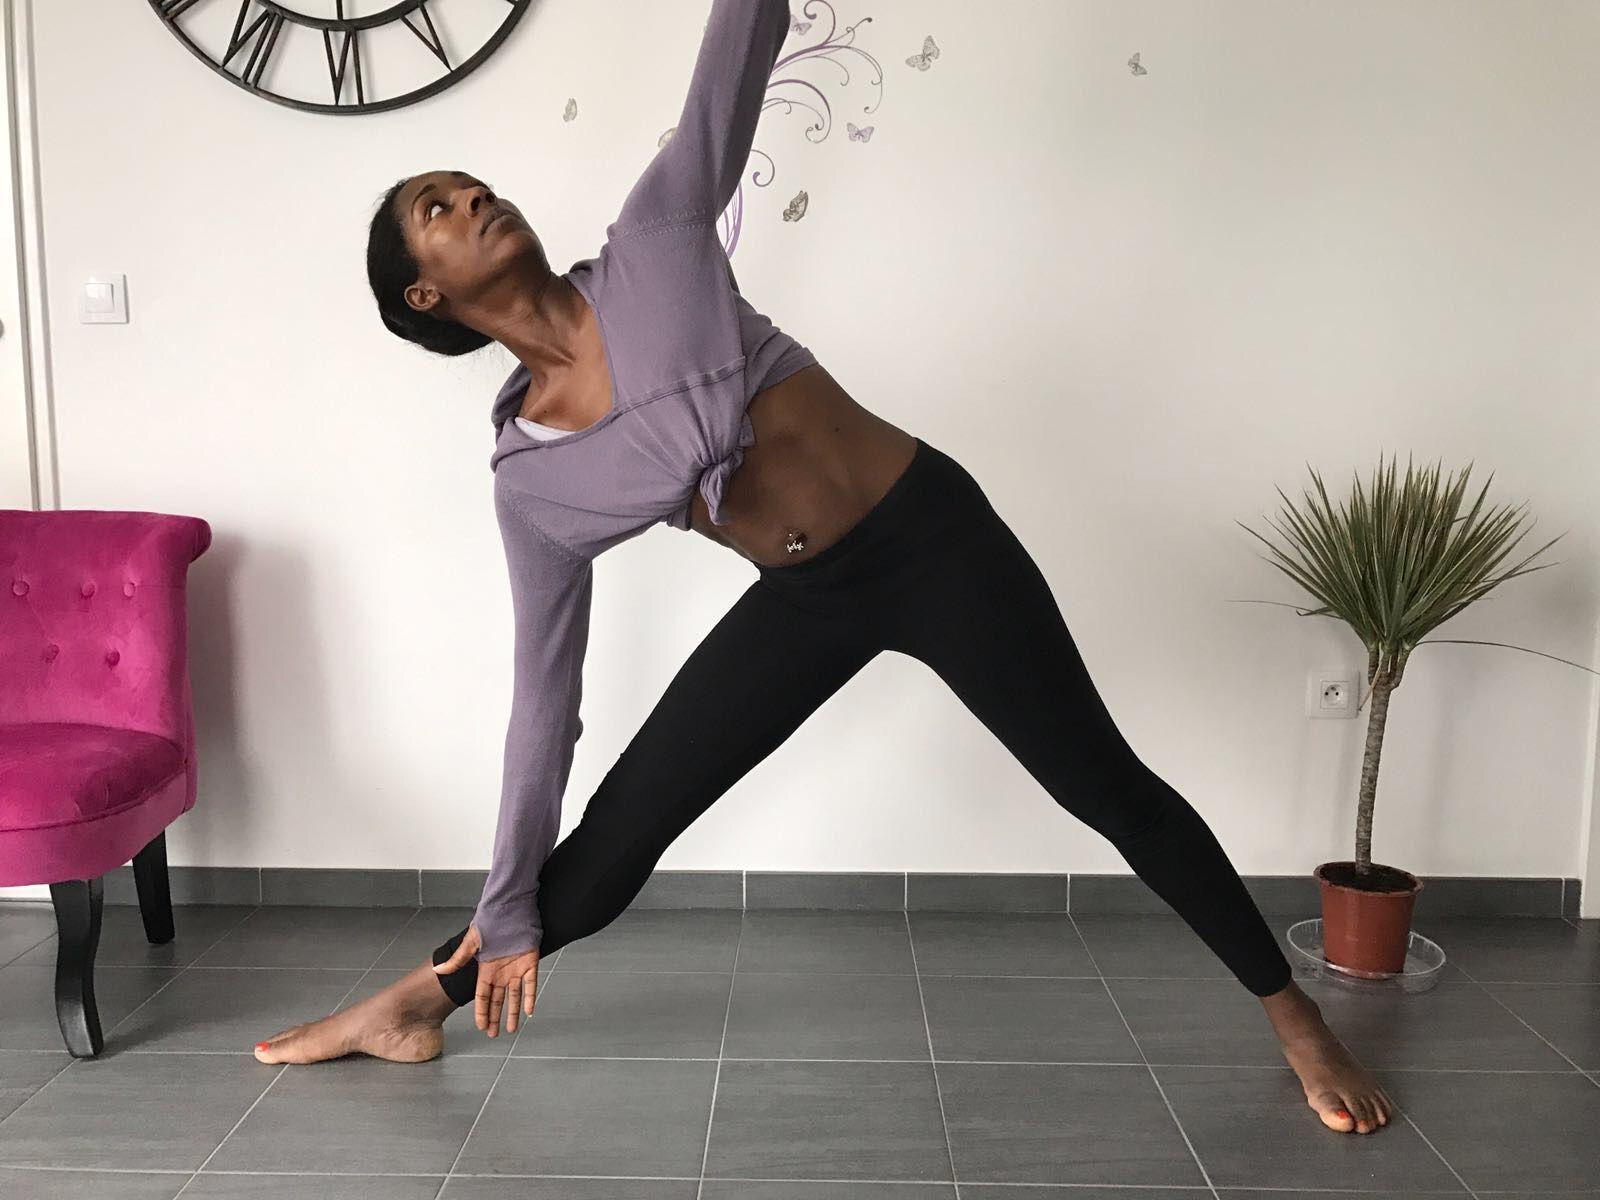 10 postures à pratiquer pour l'ouverture des hanches